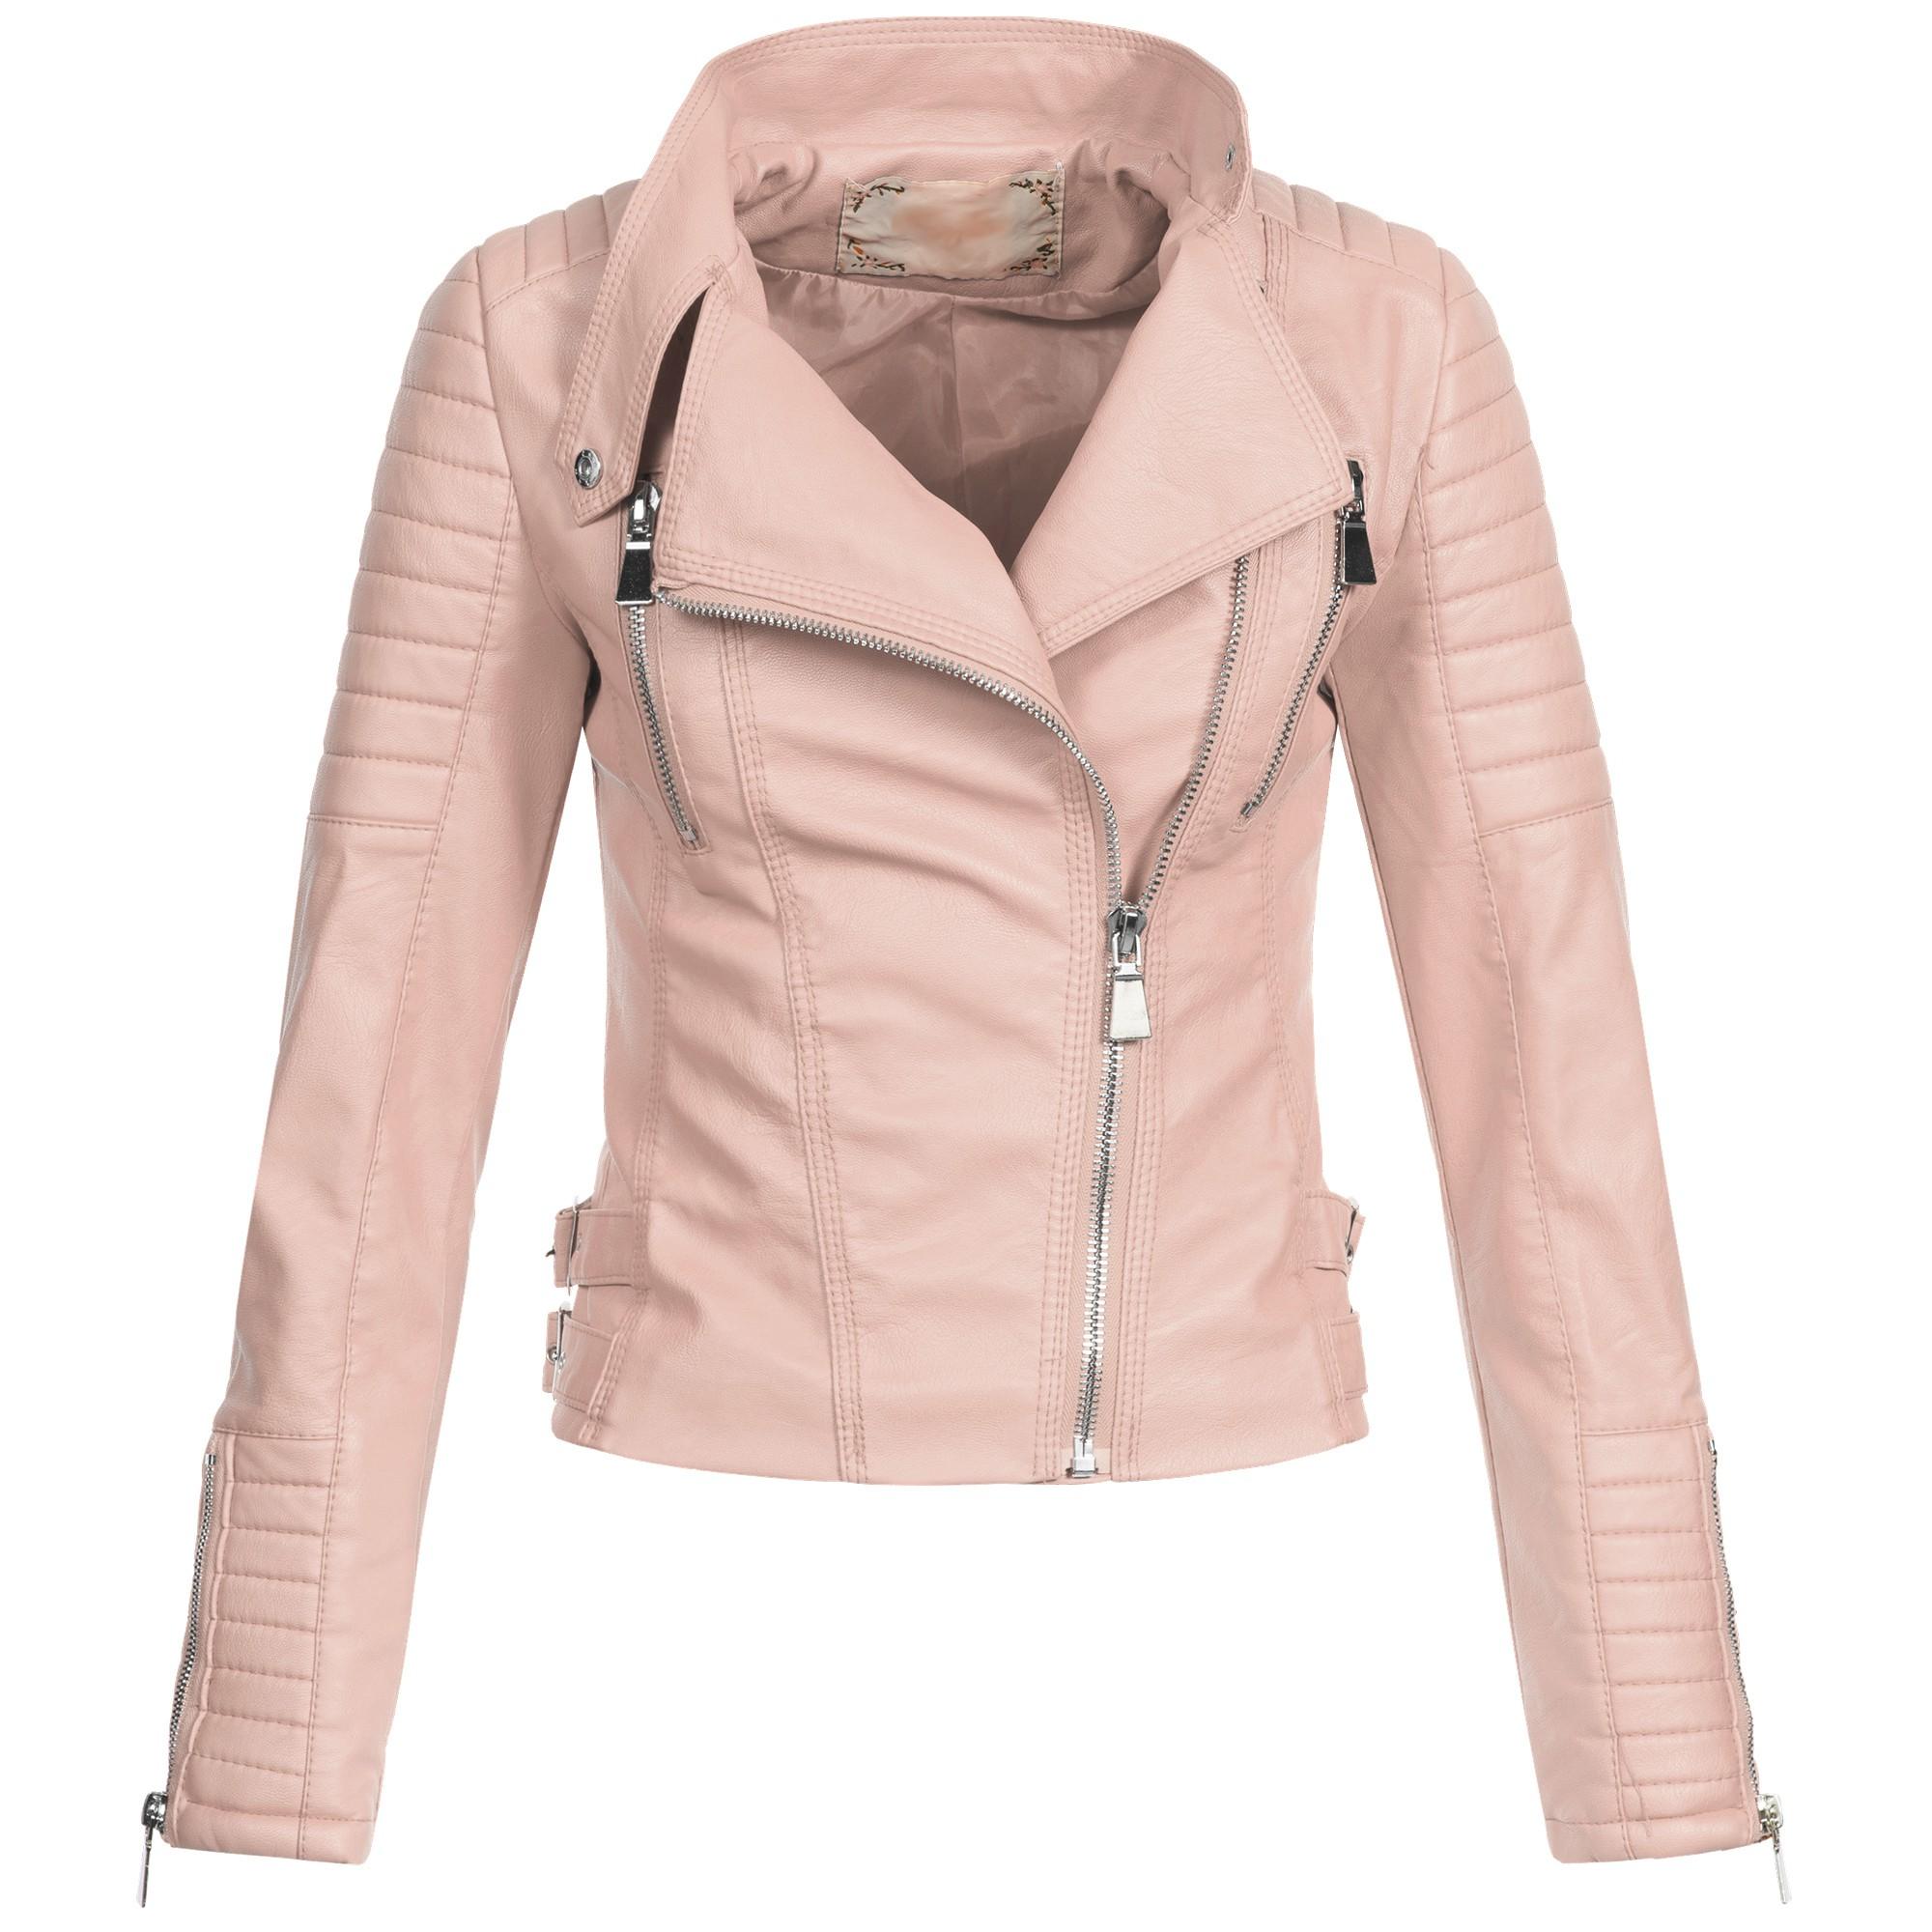 online store adb49 a5161 AZ Damen Kunst-Lederjacke Übergangsjacke Jacke Bikerjacke gesteppt 17069  S-XL